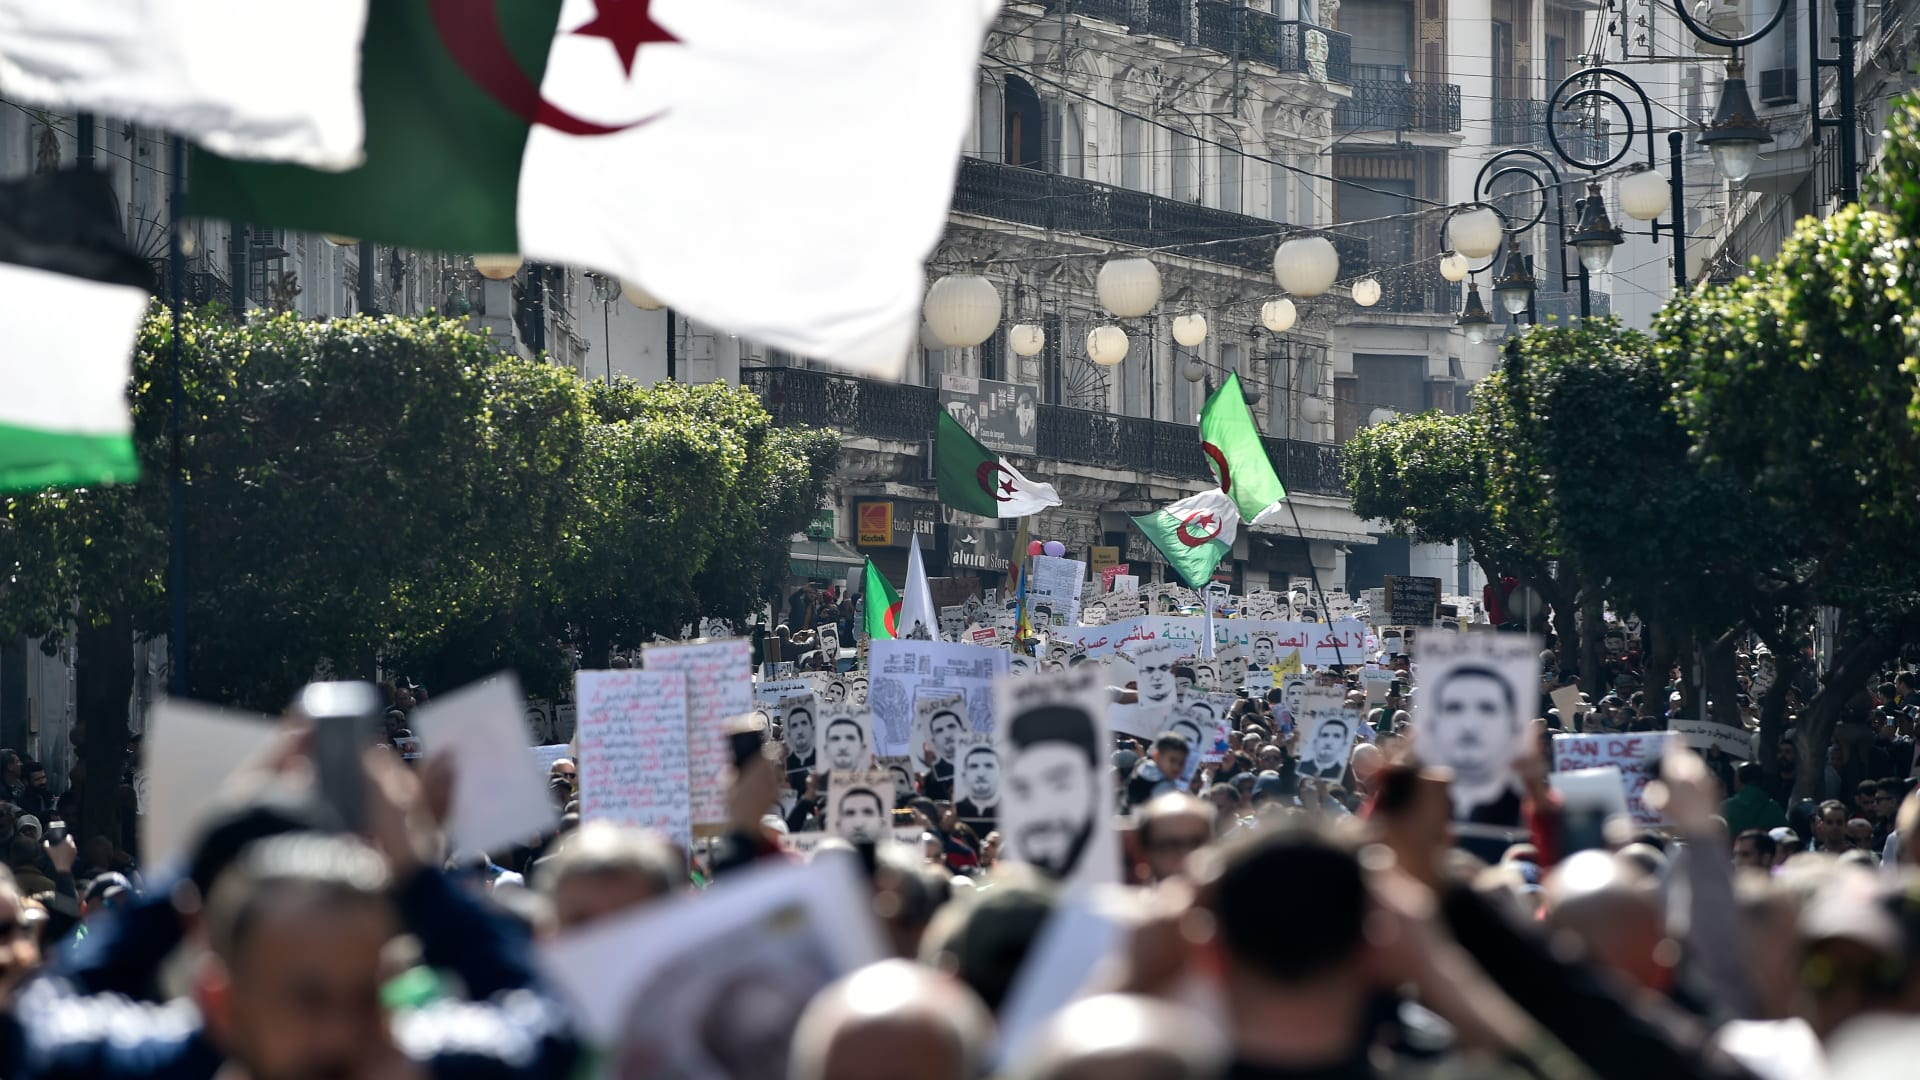 أبرز المحطات في حياة الرئيس الجزائري عبد العزيز بوتفليقة